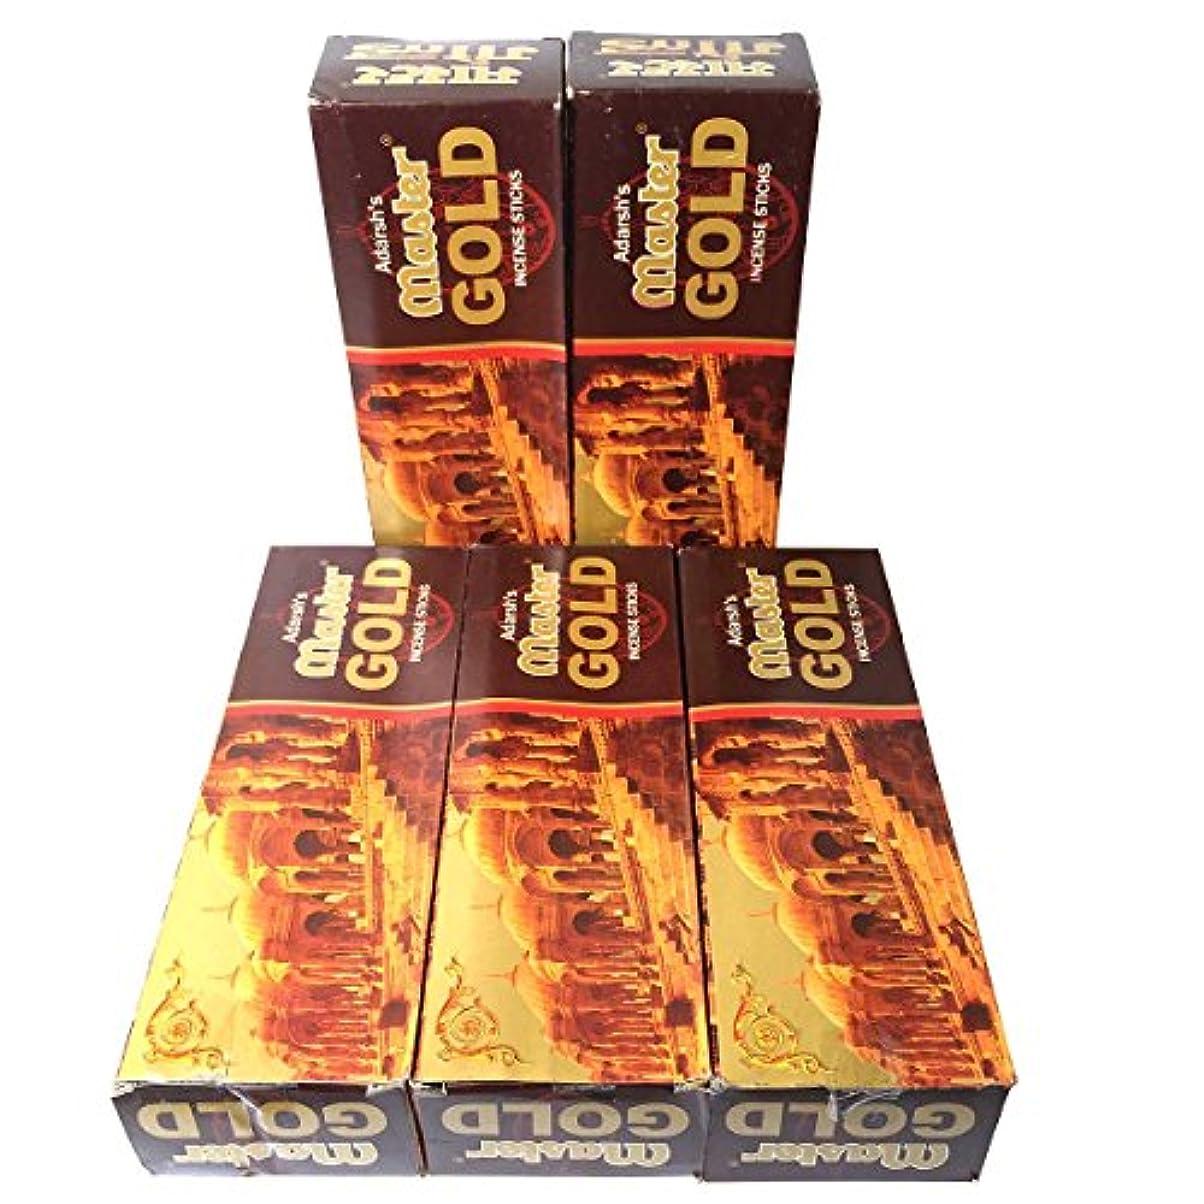 言い換えると推進まろやかなマスターゴールド香スティック 5BOX(30箱)/ADARSH AROMATICS  MASTER GOLD/ インド香 / 送料無料 [並行輸入品]